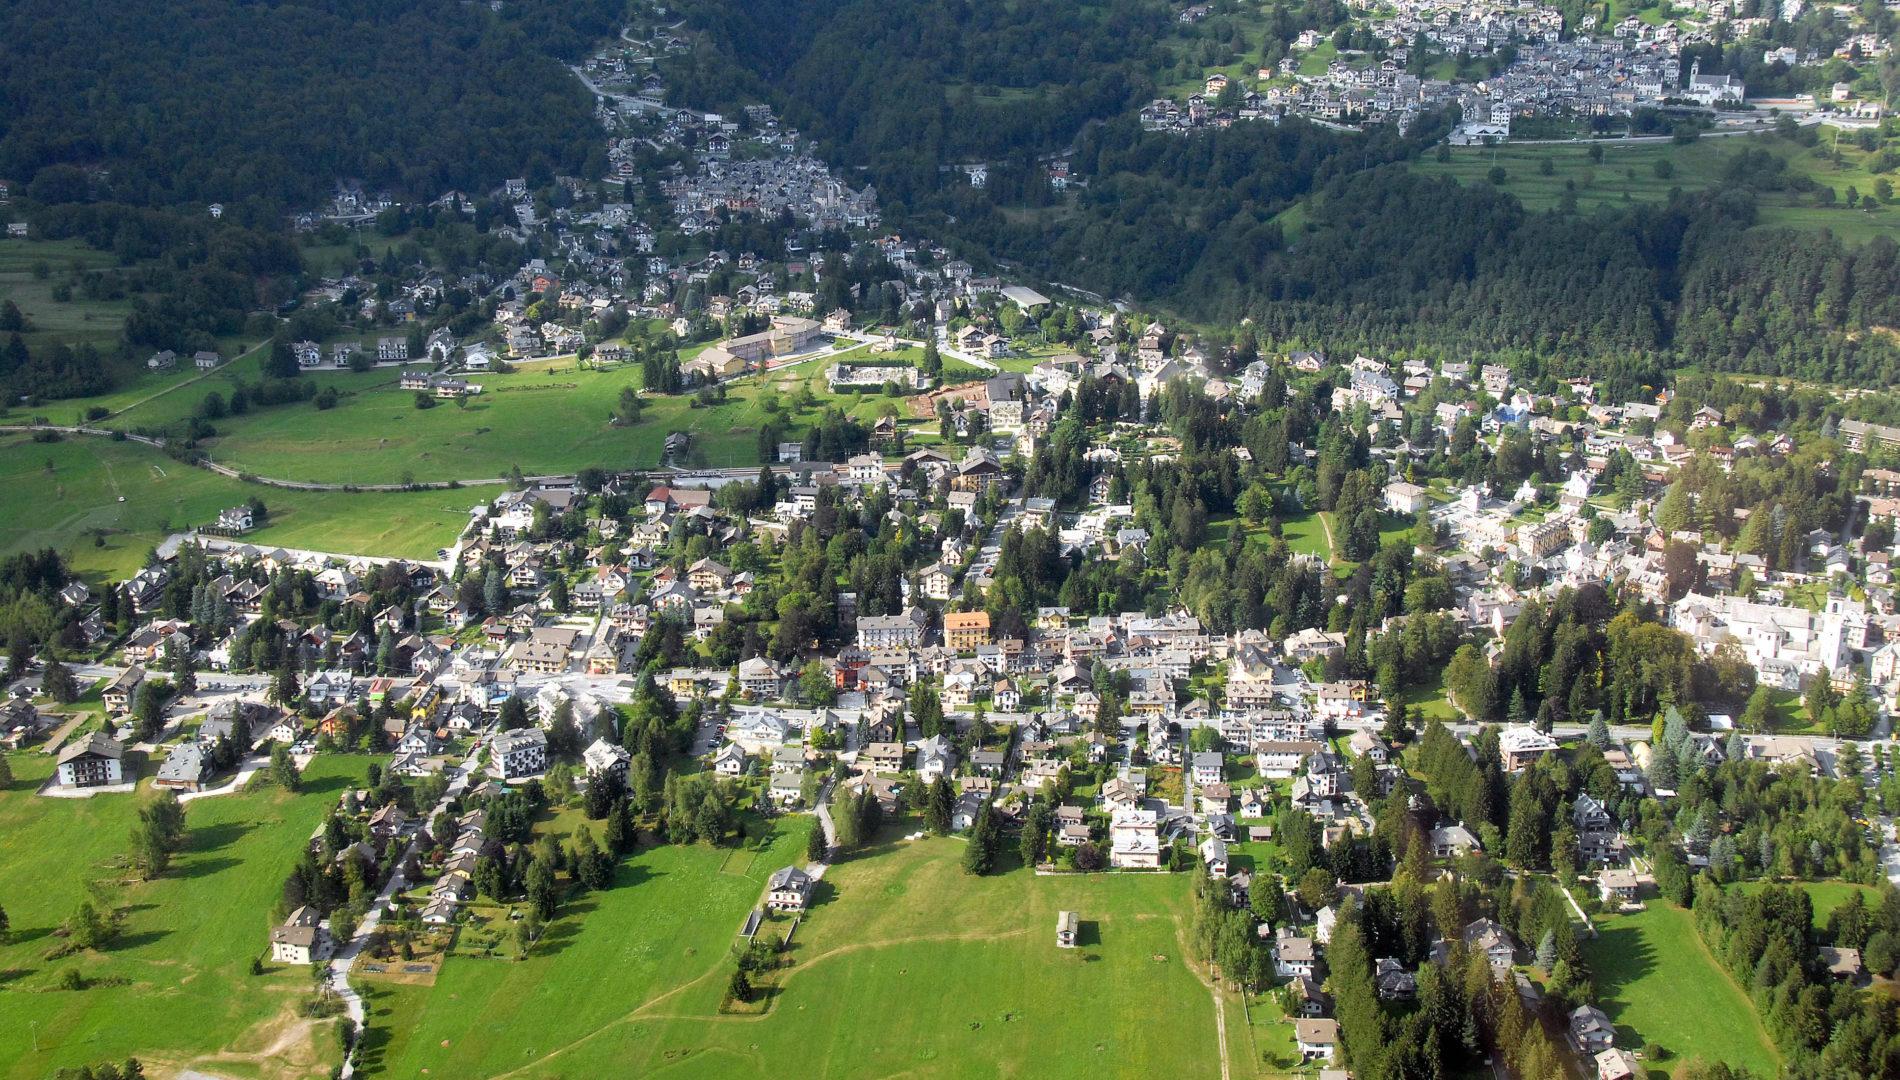 Veduta aerea di Santa Maria Maggiore - ph. Maurizio Besana